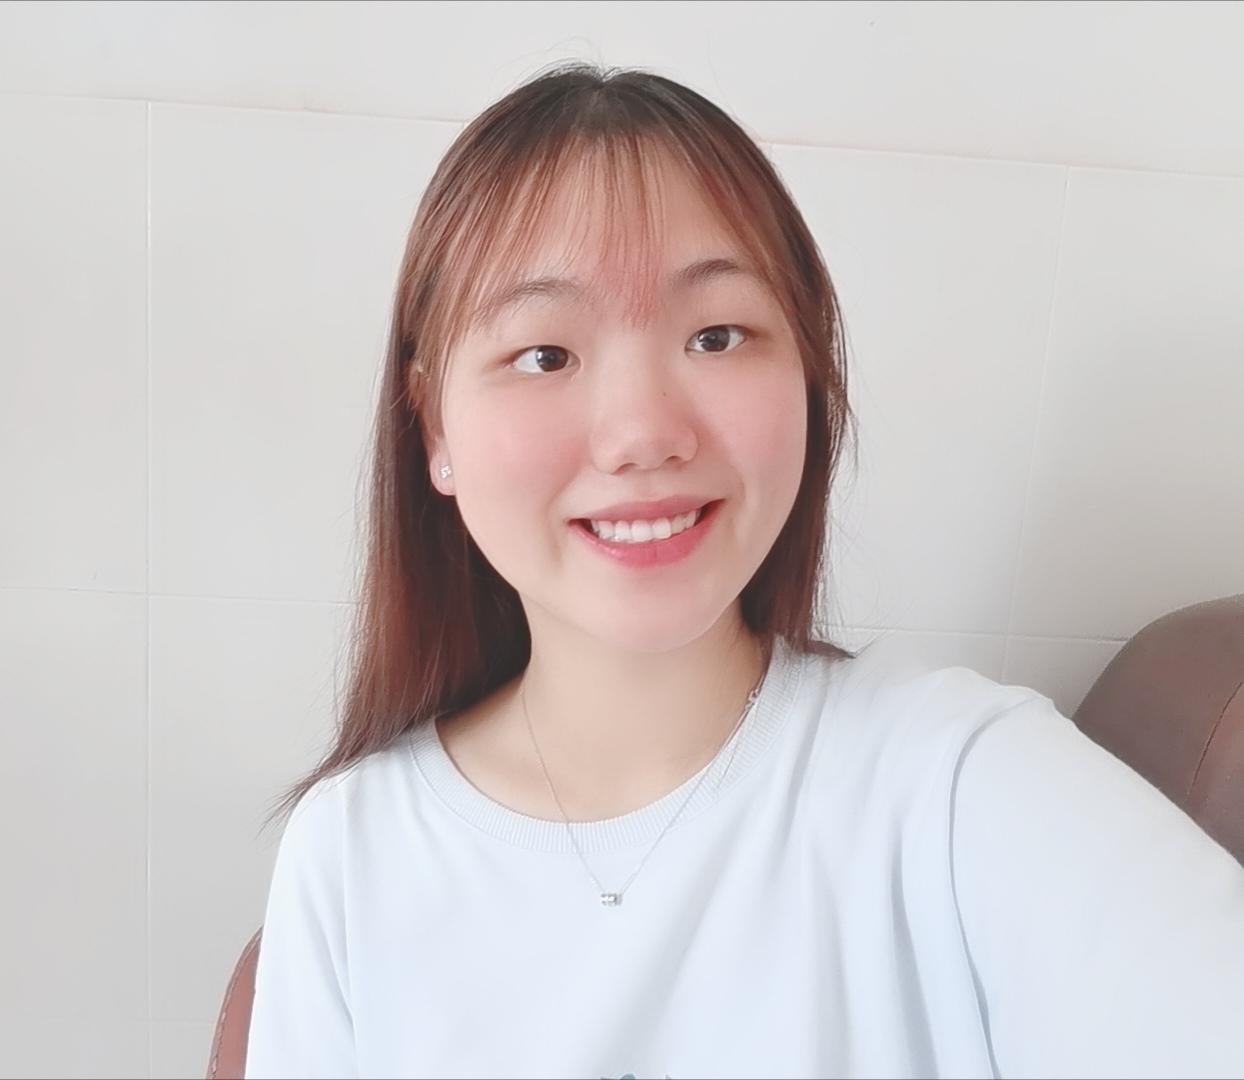 深圳家教奉教员